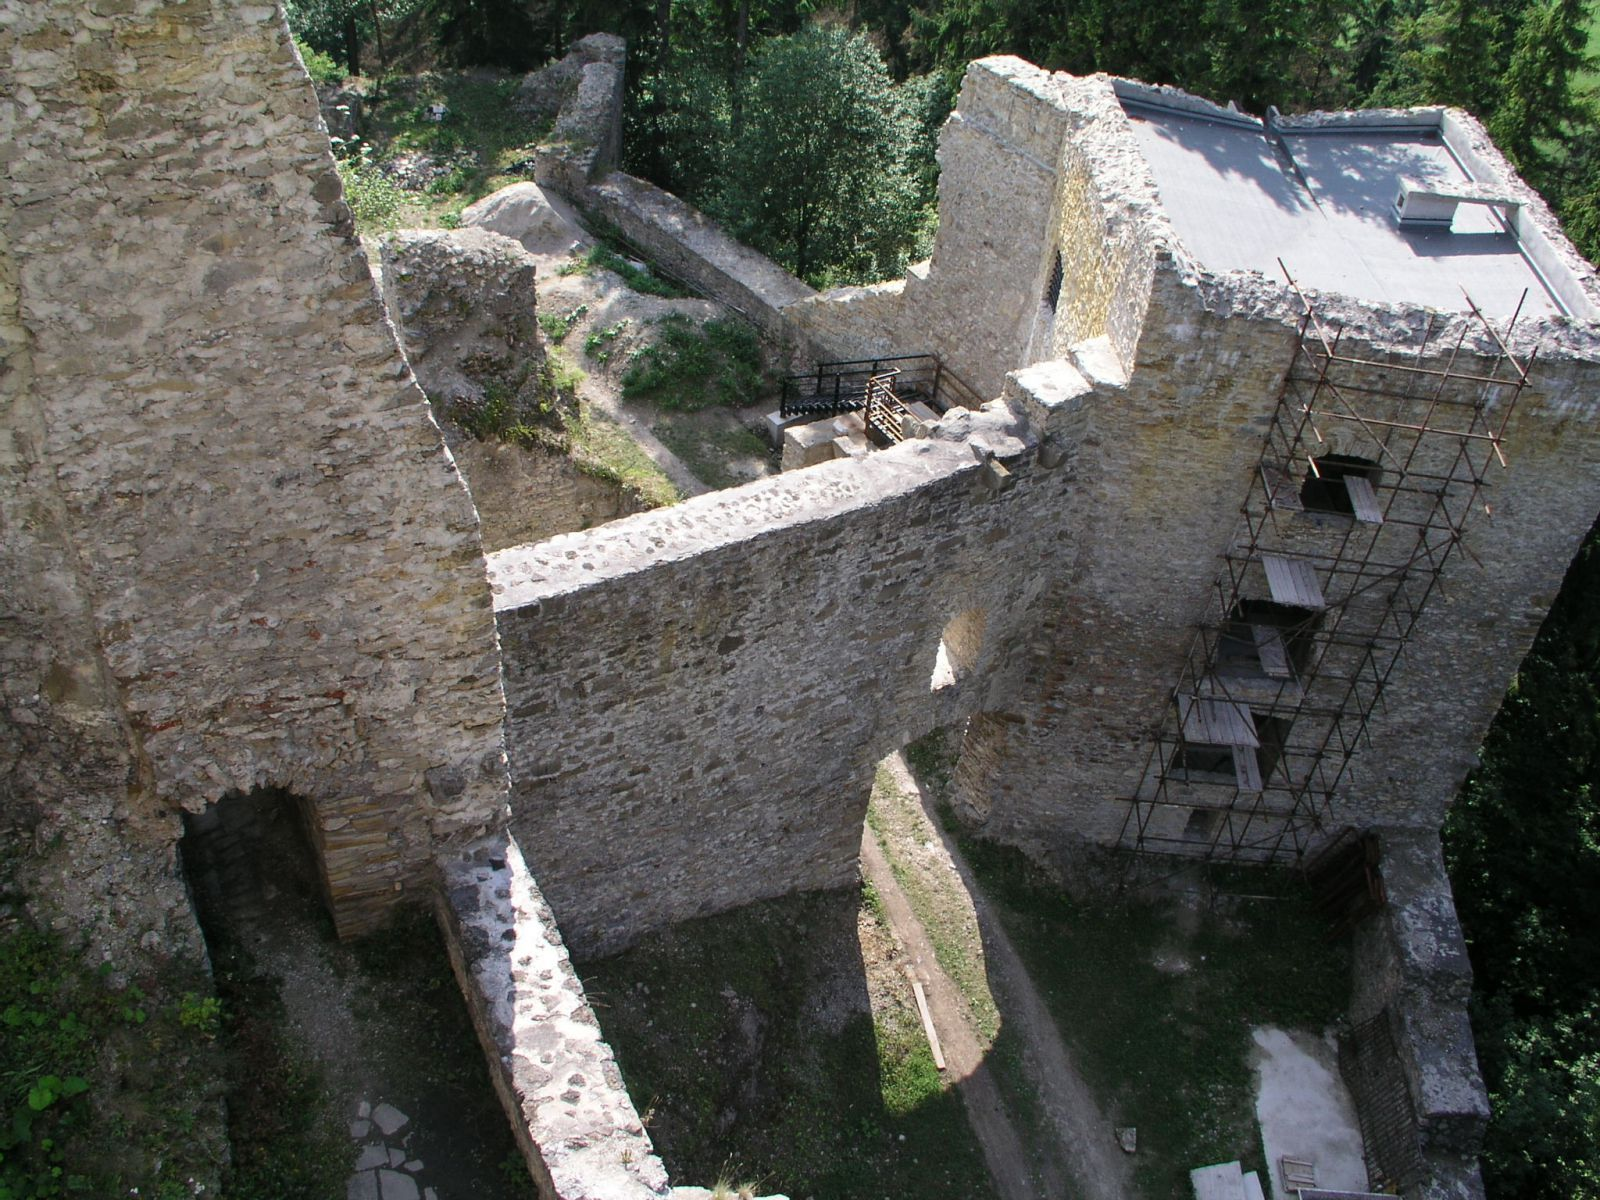 04 08 04 15.43.32 Hrad Likava   pohled Na věž U 2.brány Z horního hradu